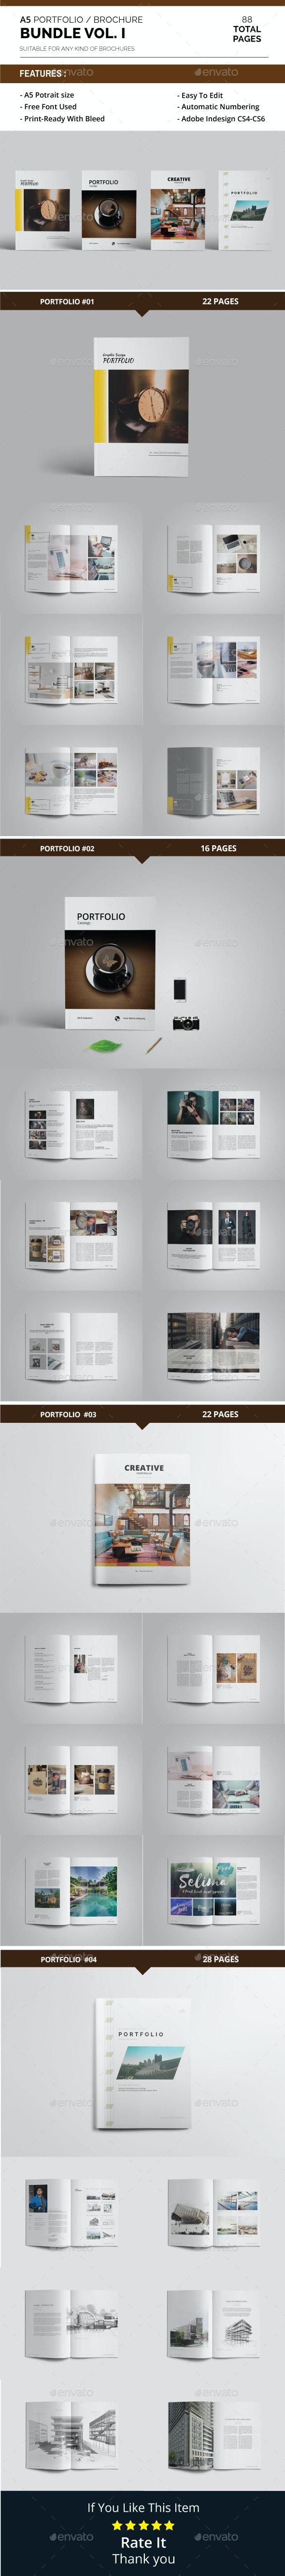 A5 Portfolio / Brochure Bundle Vol. 1 - Portfolio Brochures